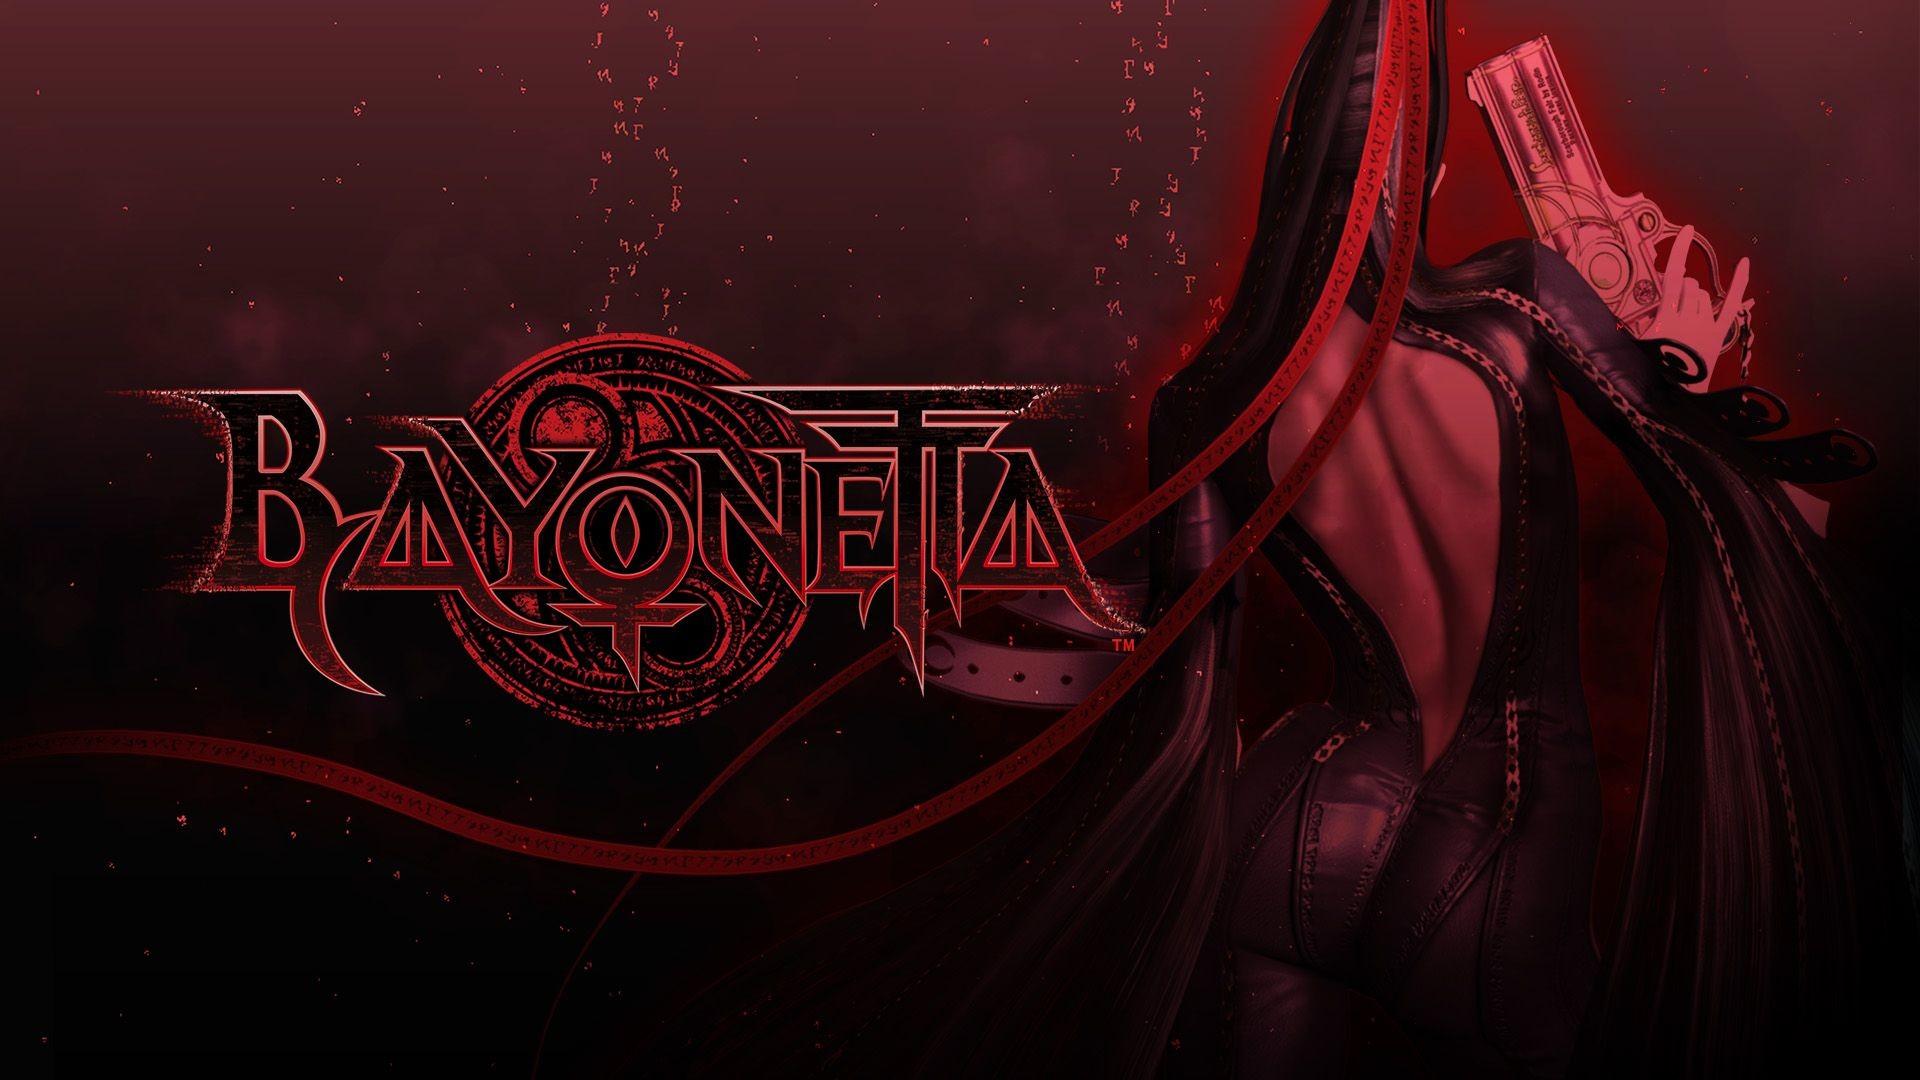 Bayonetta HD Wallpaper.